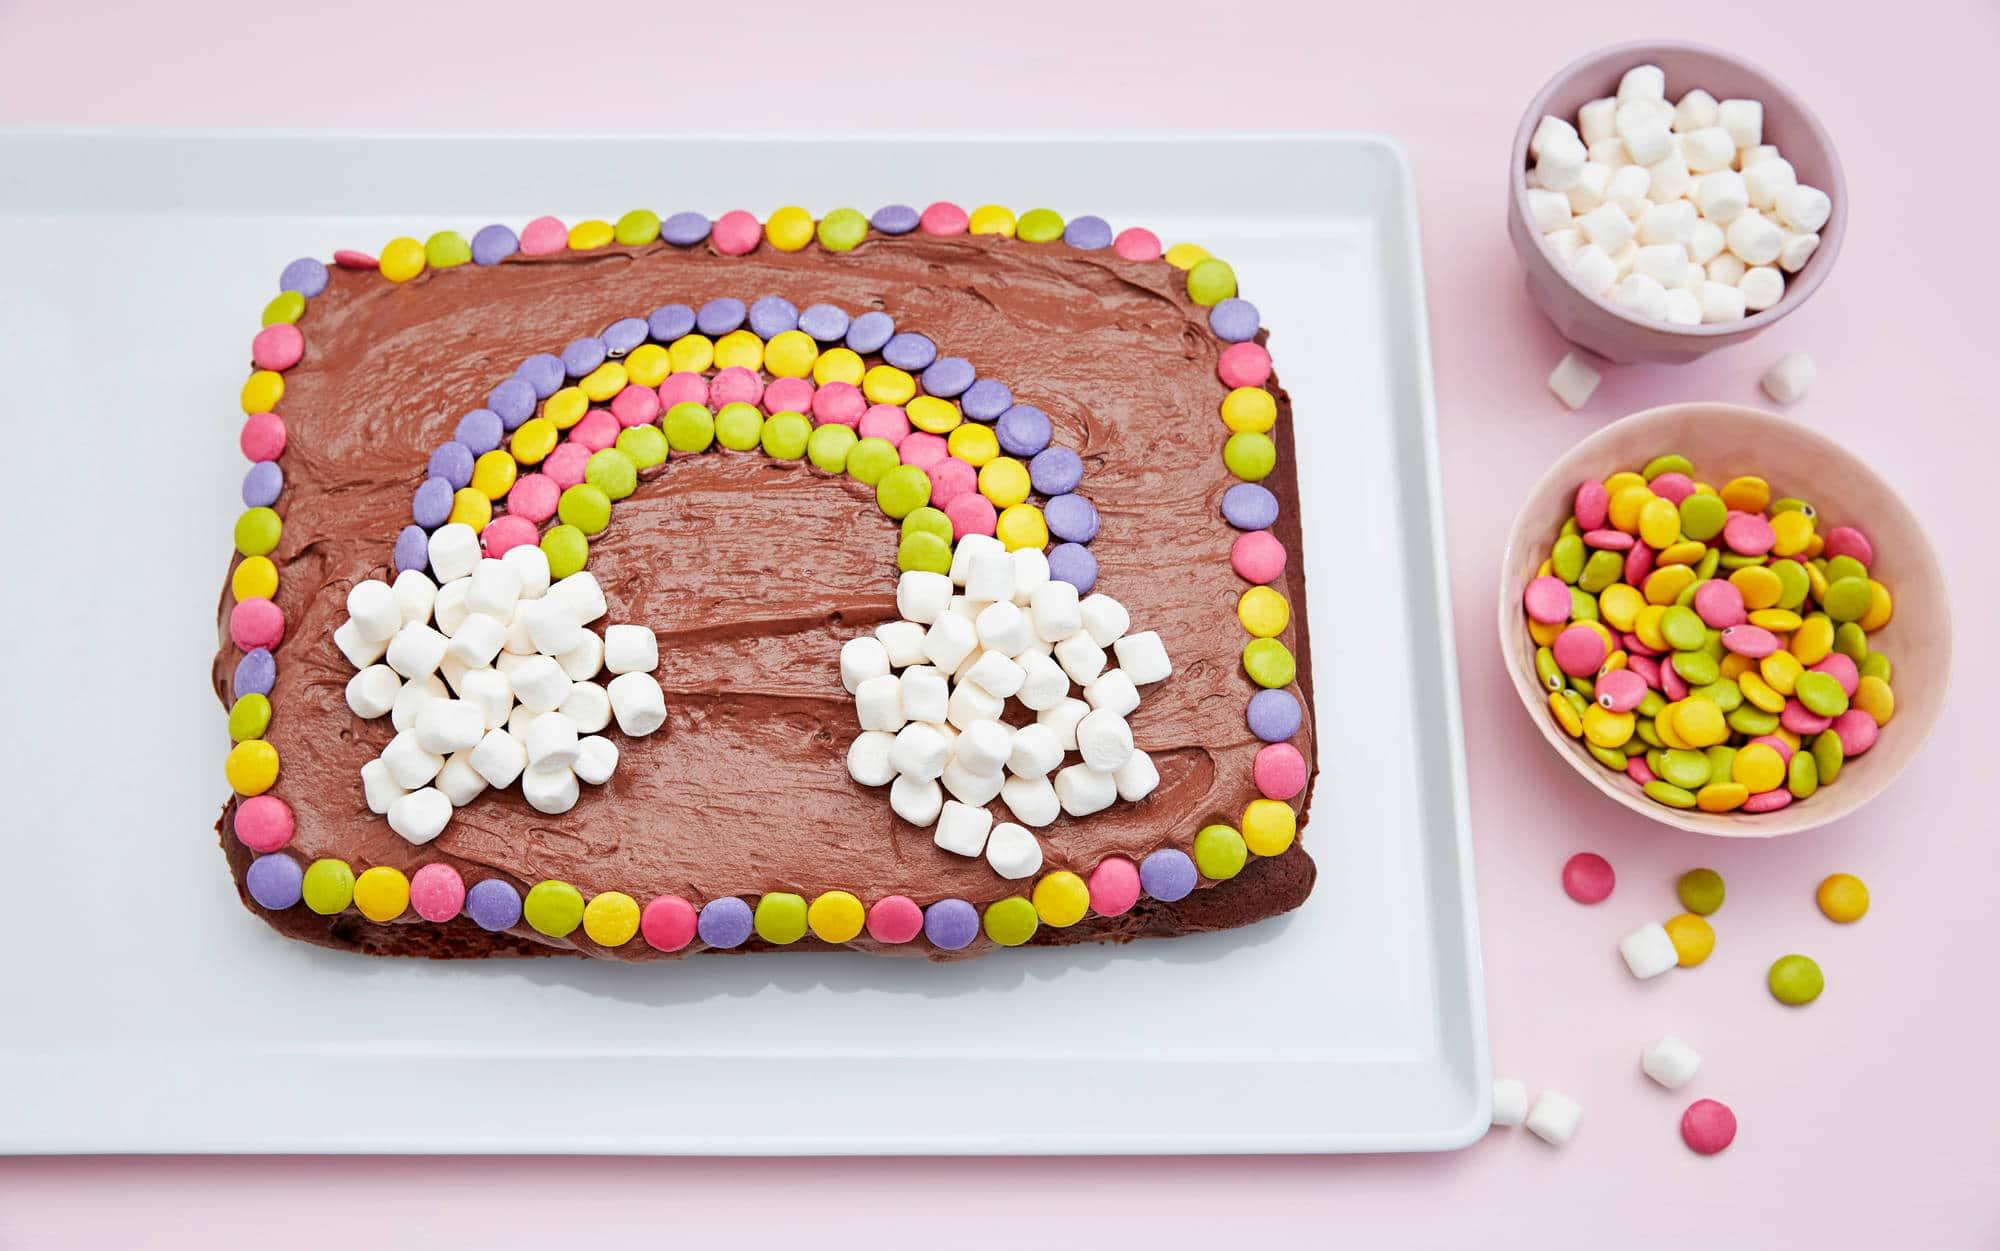 Bursdagskake med regnbue